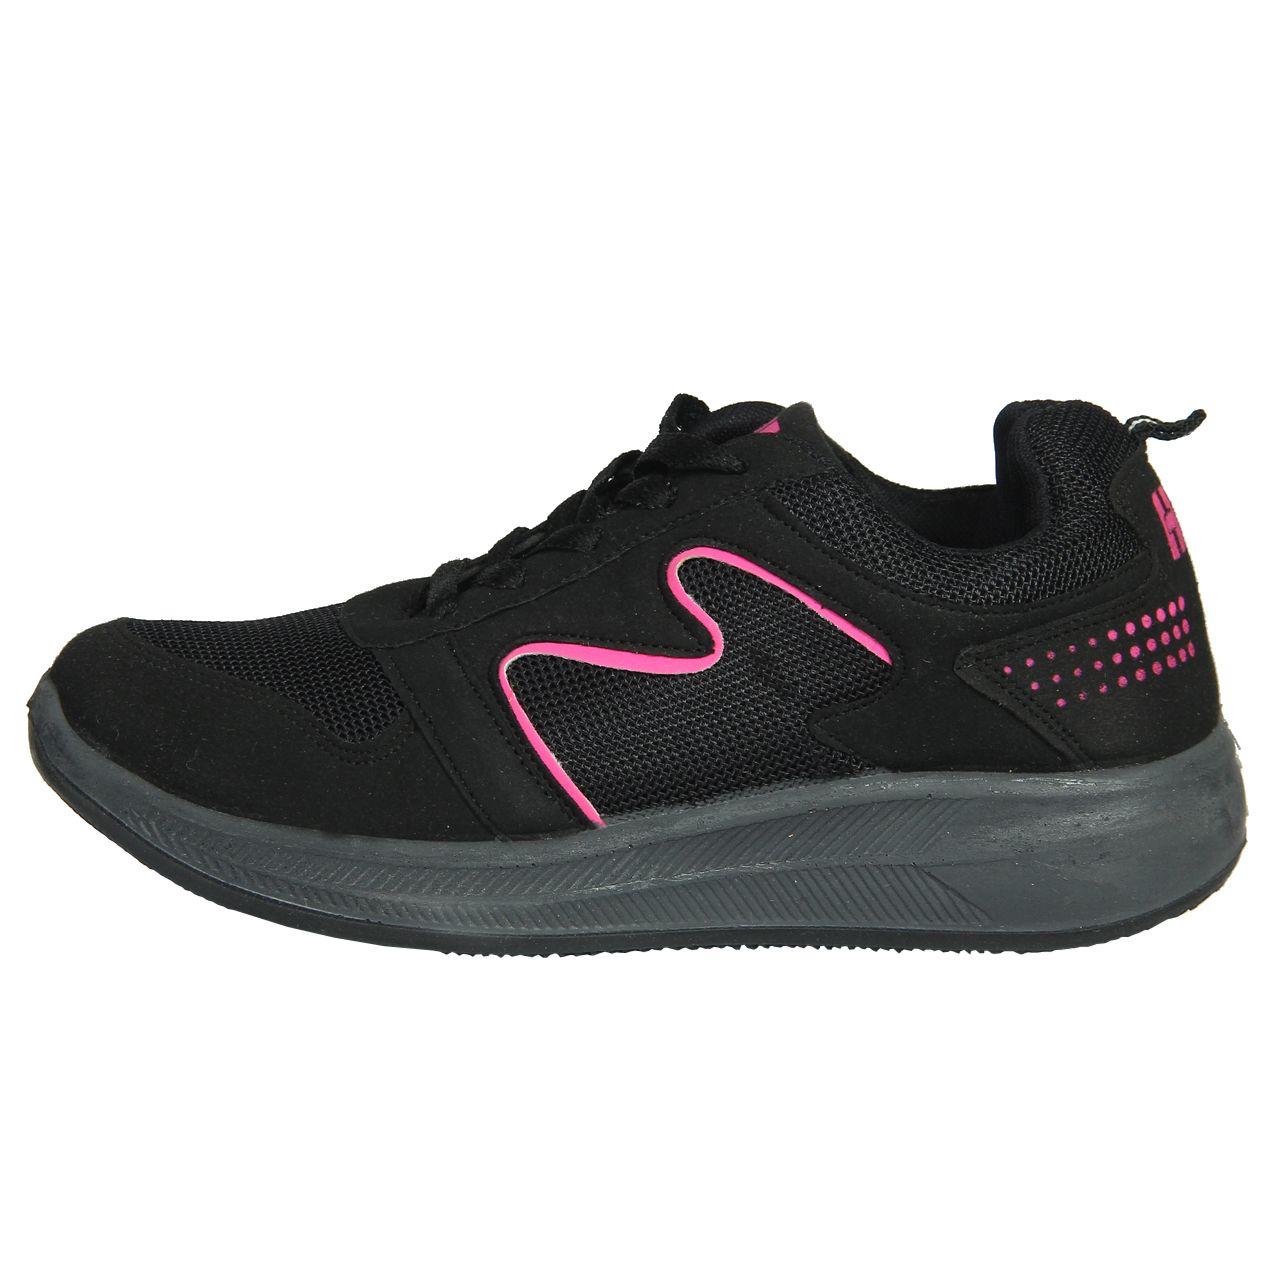 کفش پیاده روی بچگانه مدل HIVA کد 201 -  - 2